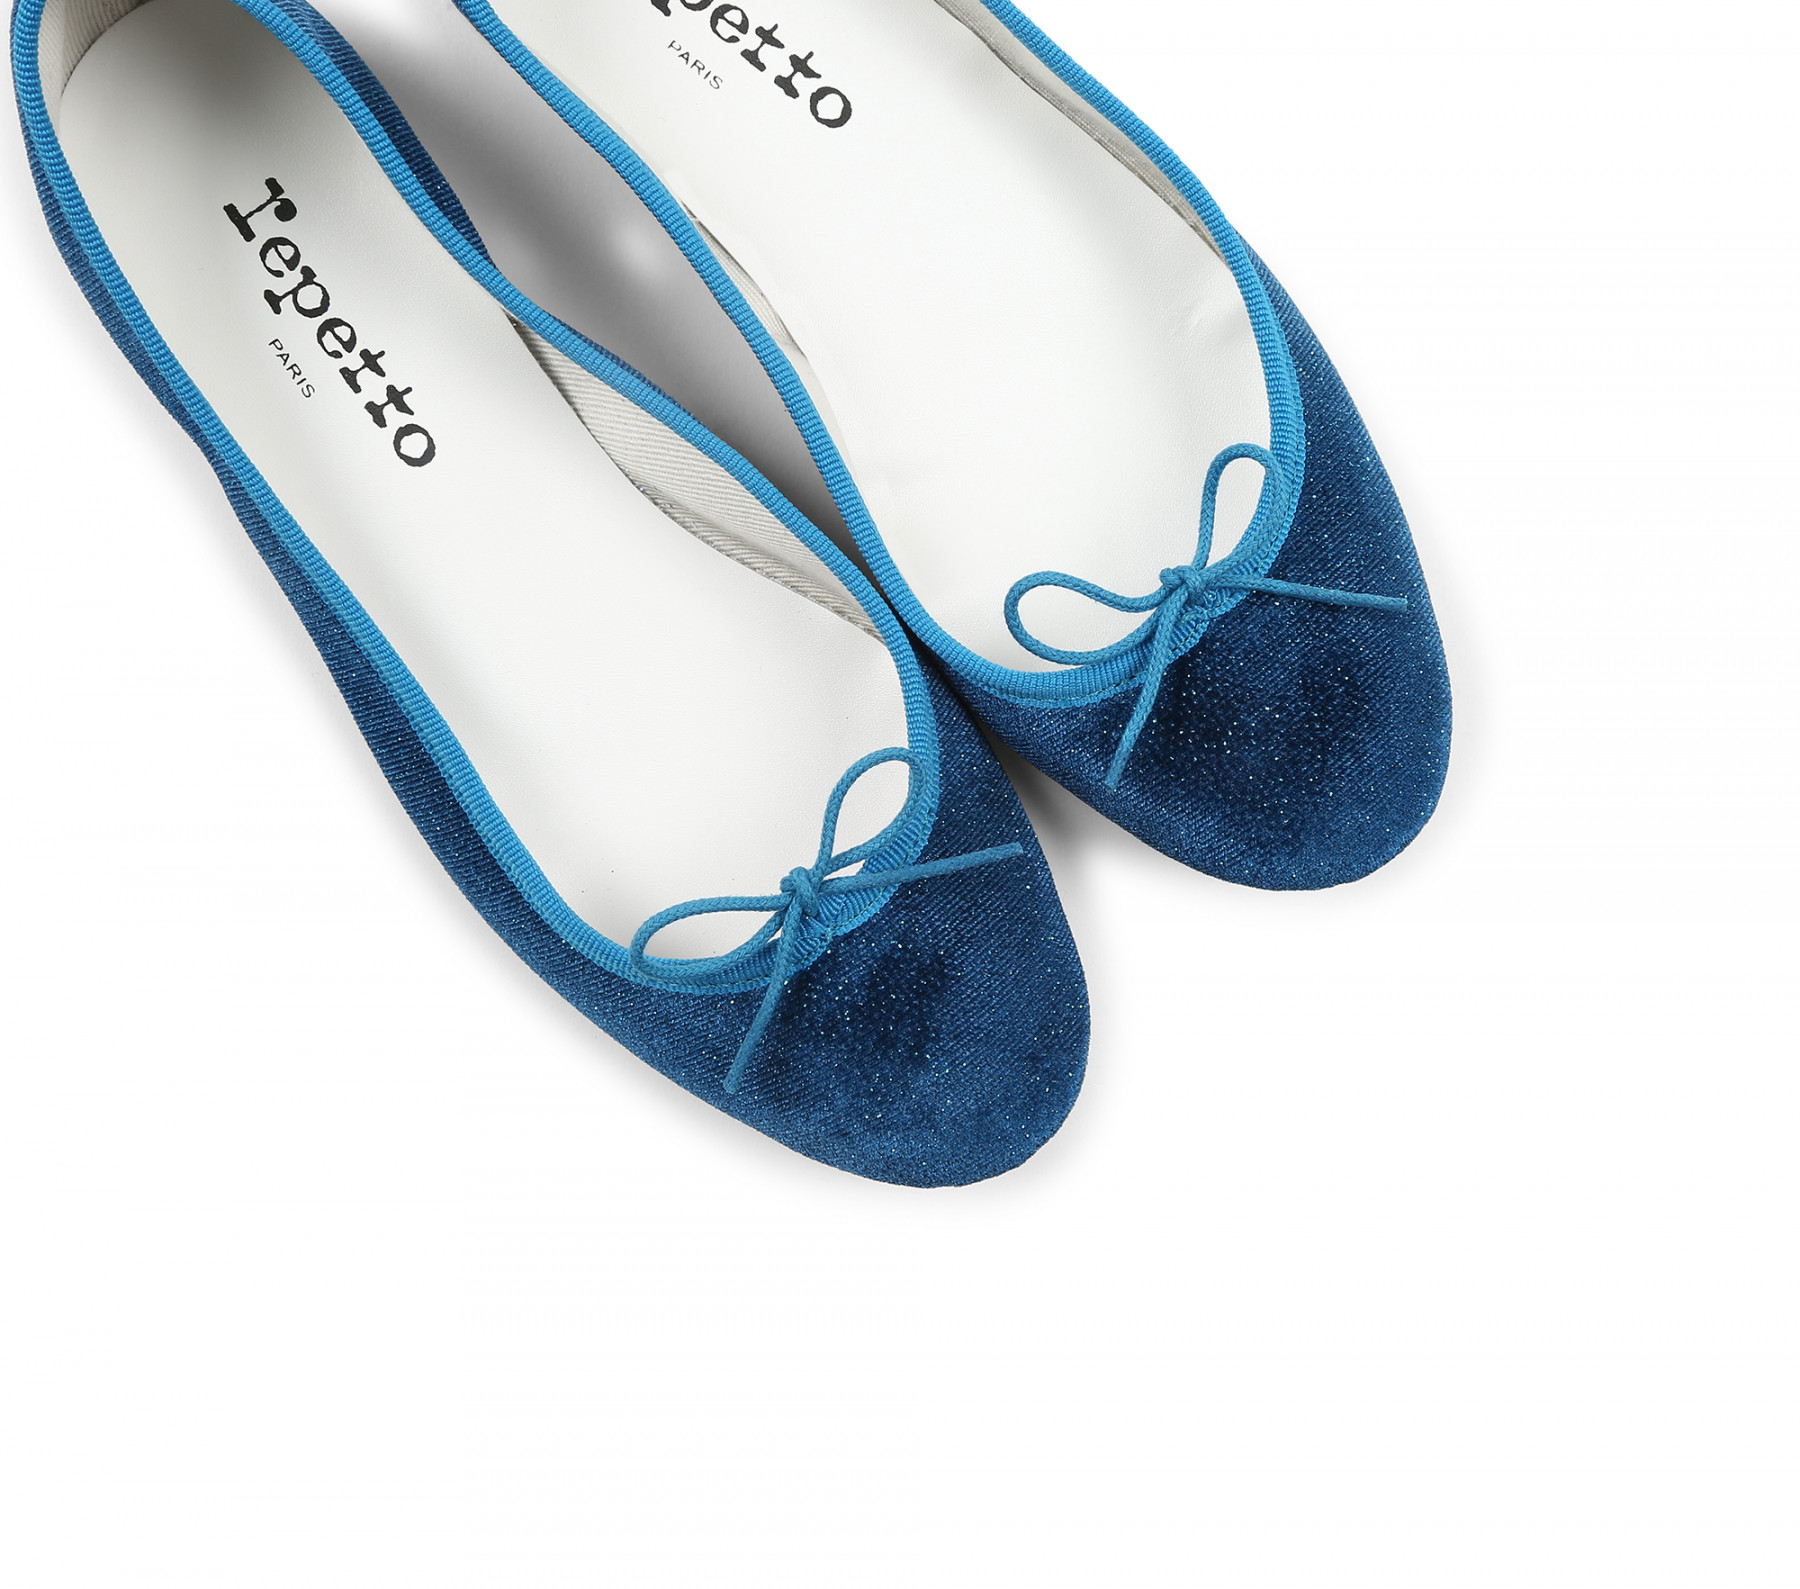 Cendrillon ballerinas - Ballerinas - Shoes - Woman